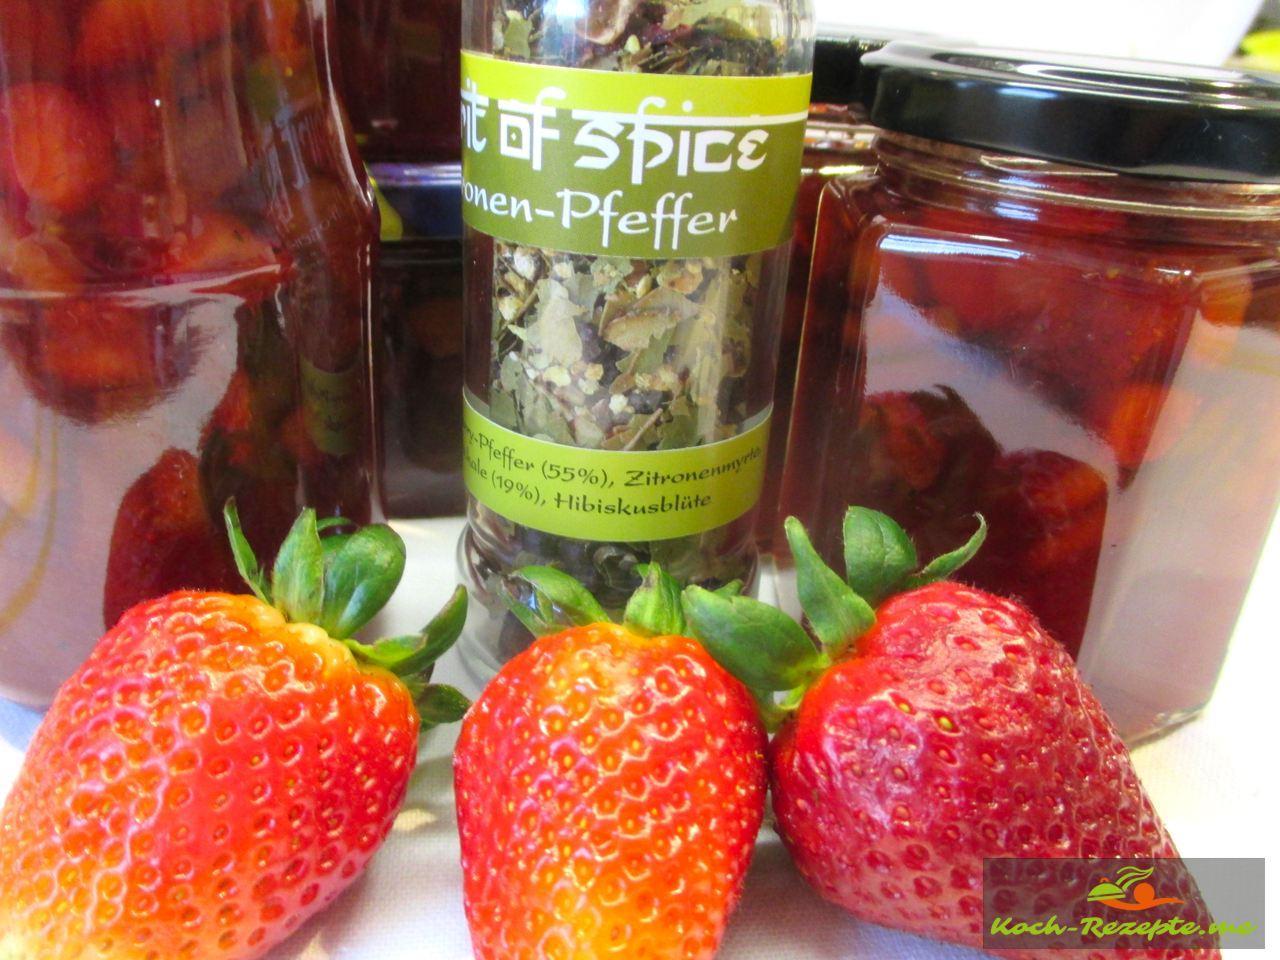 Würzige Marmelade eingekocht mit Erdbeer-Rhabarber-Zitronen-Pfeffer und Gelierzucker 2:1